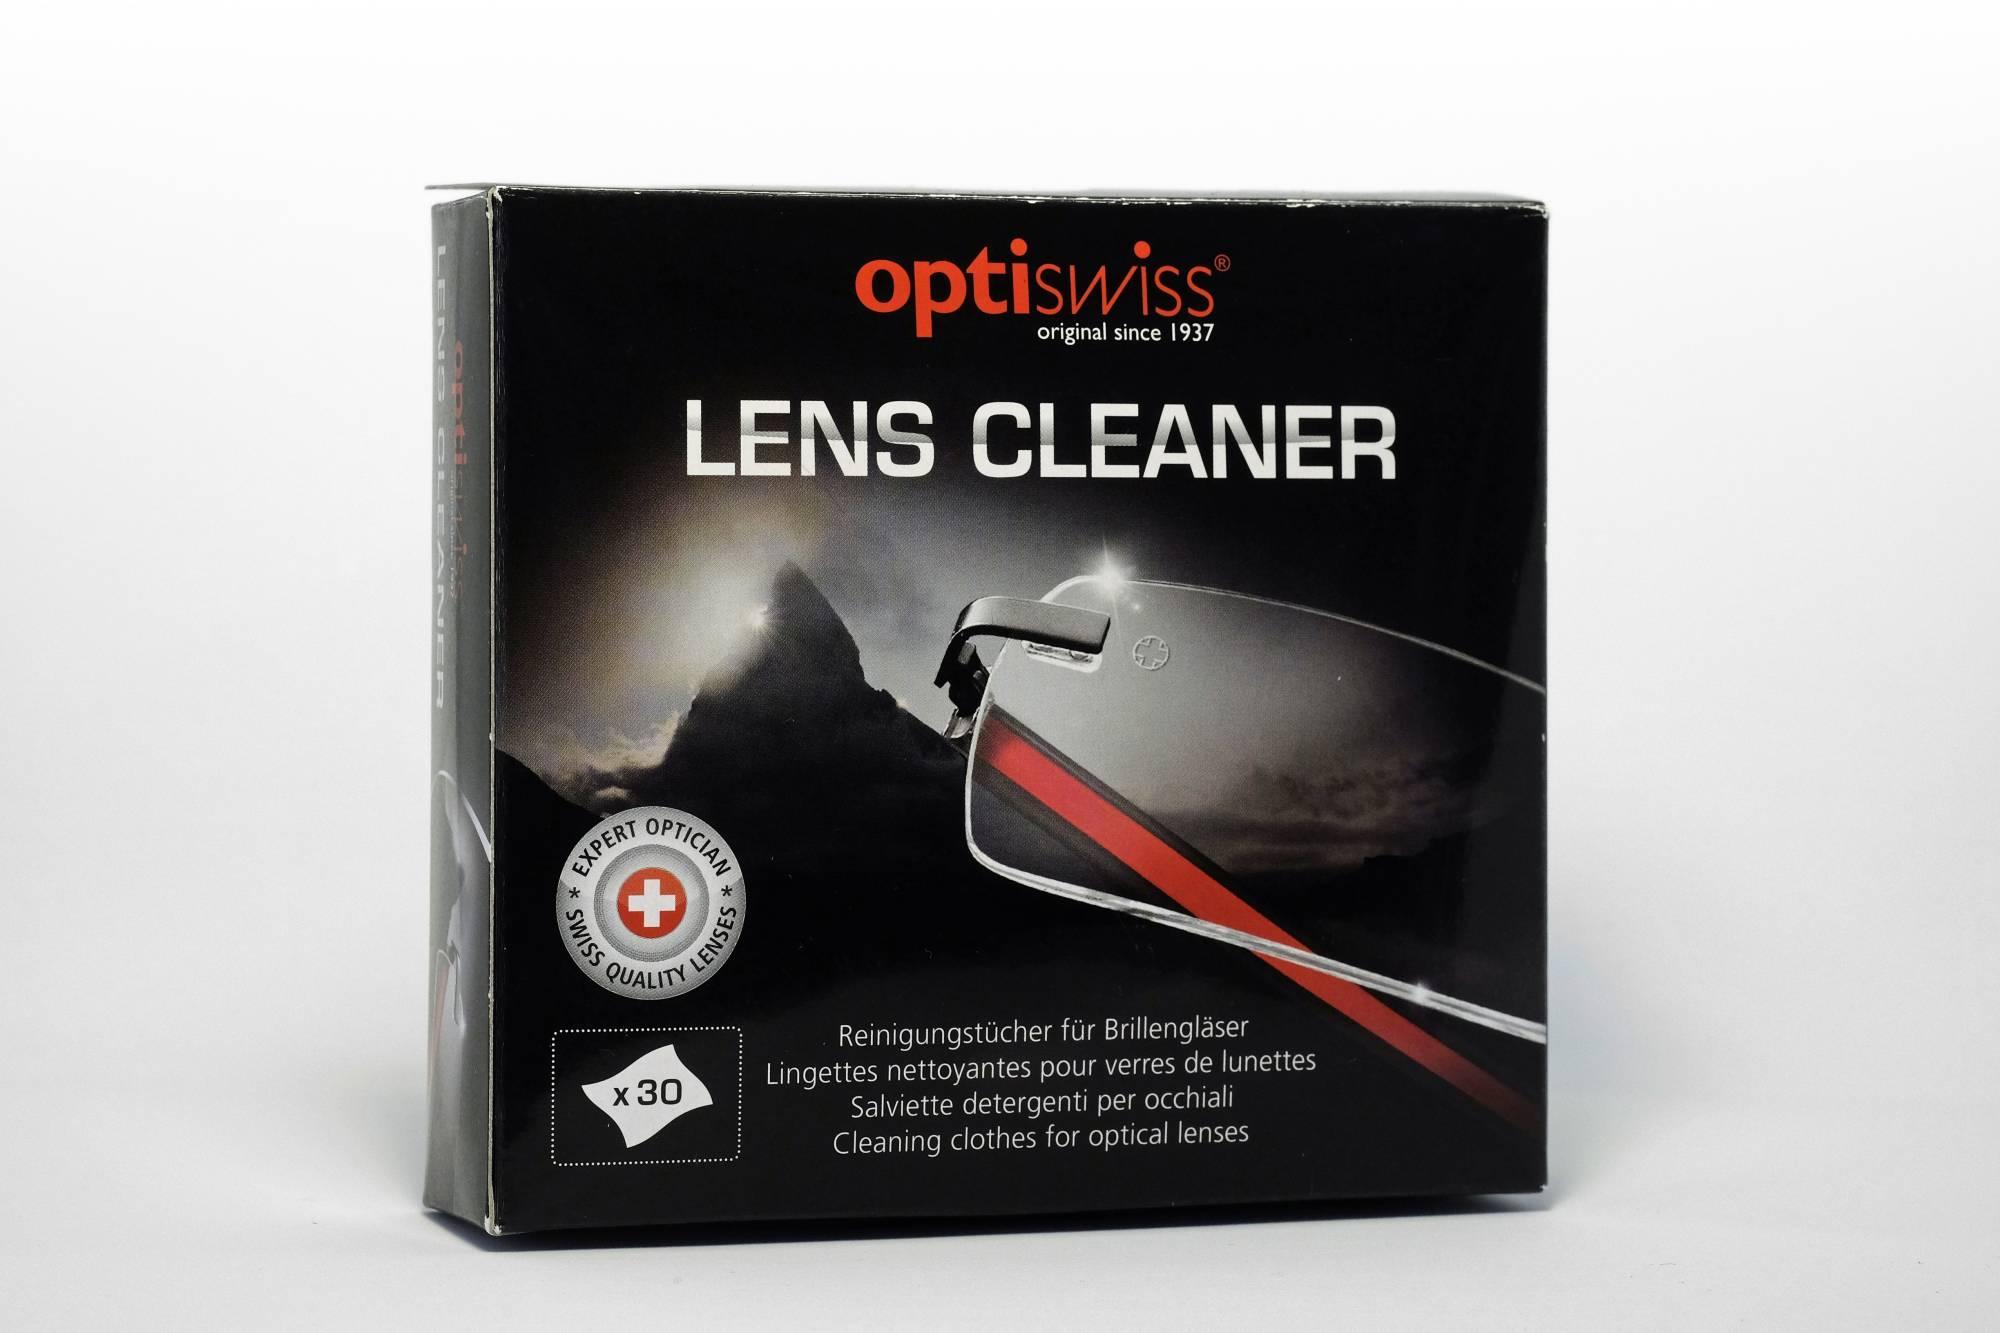 Lens Cleaner, Reinigungstücher